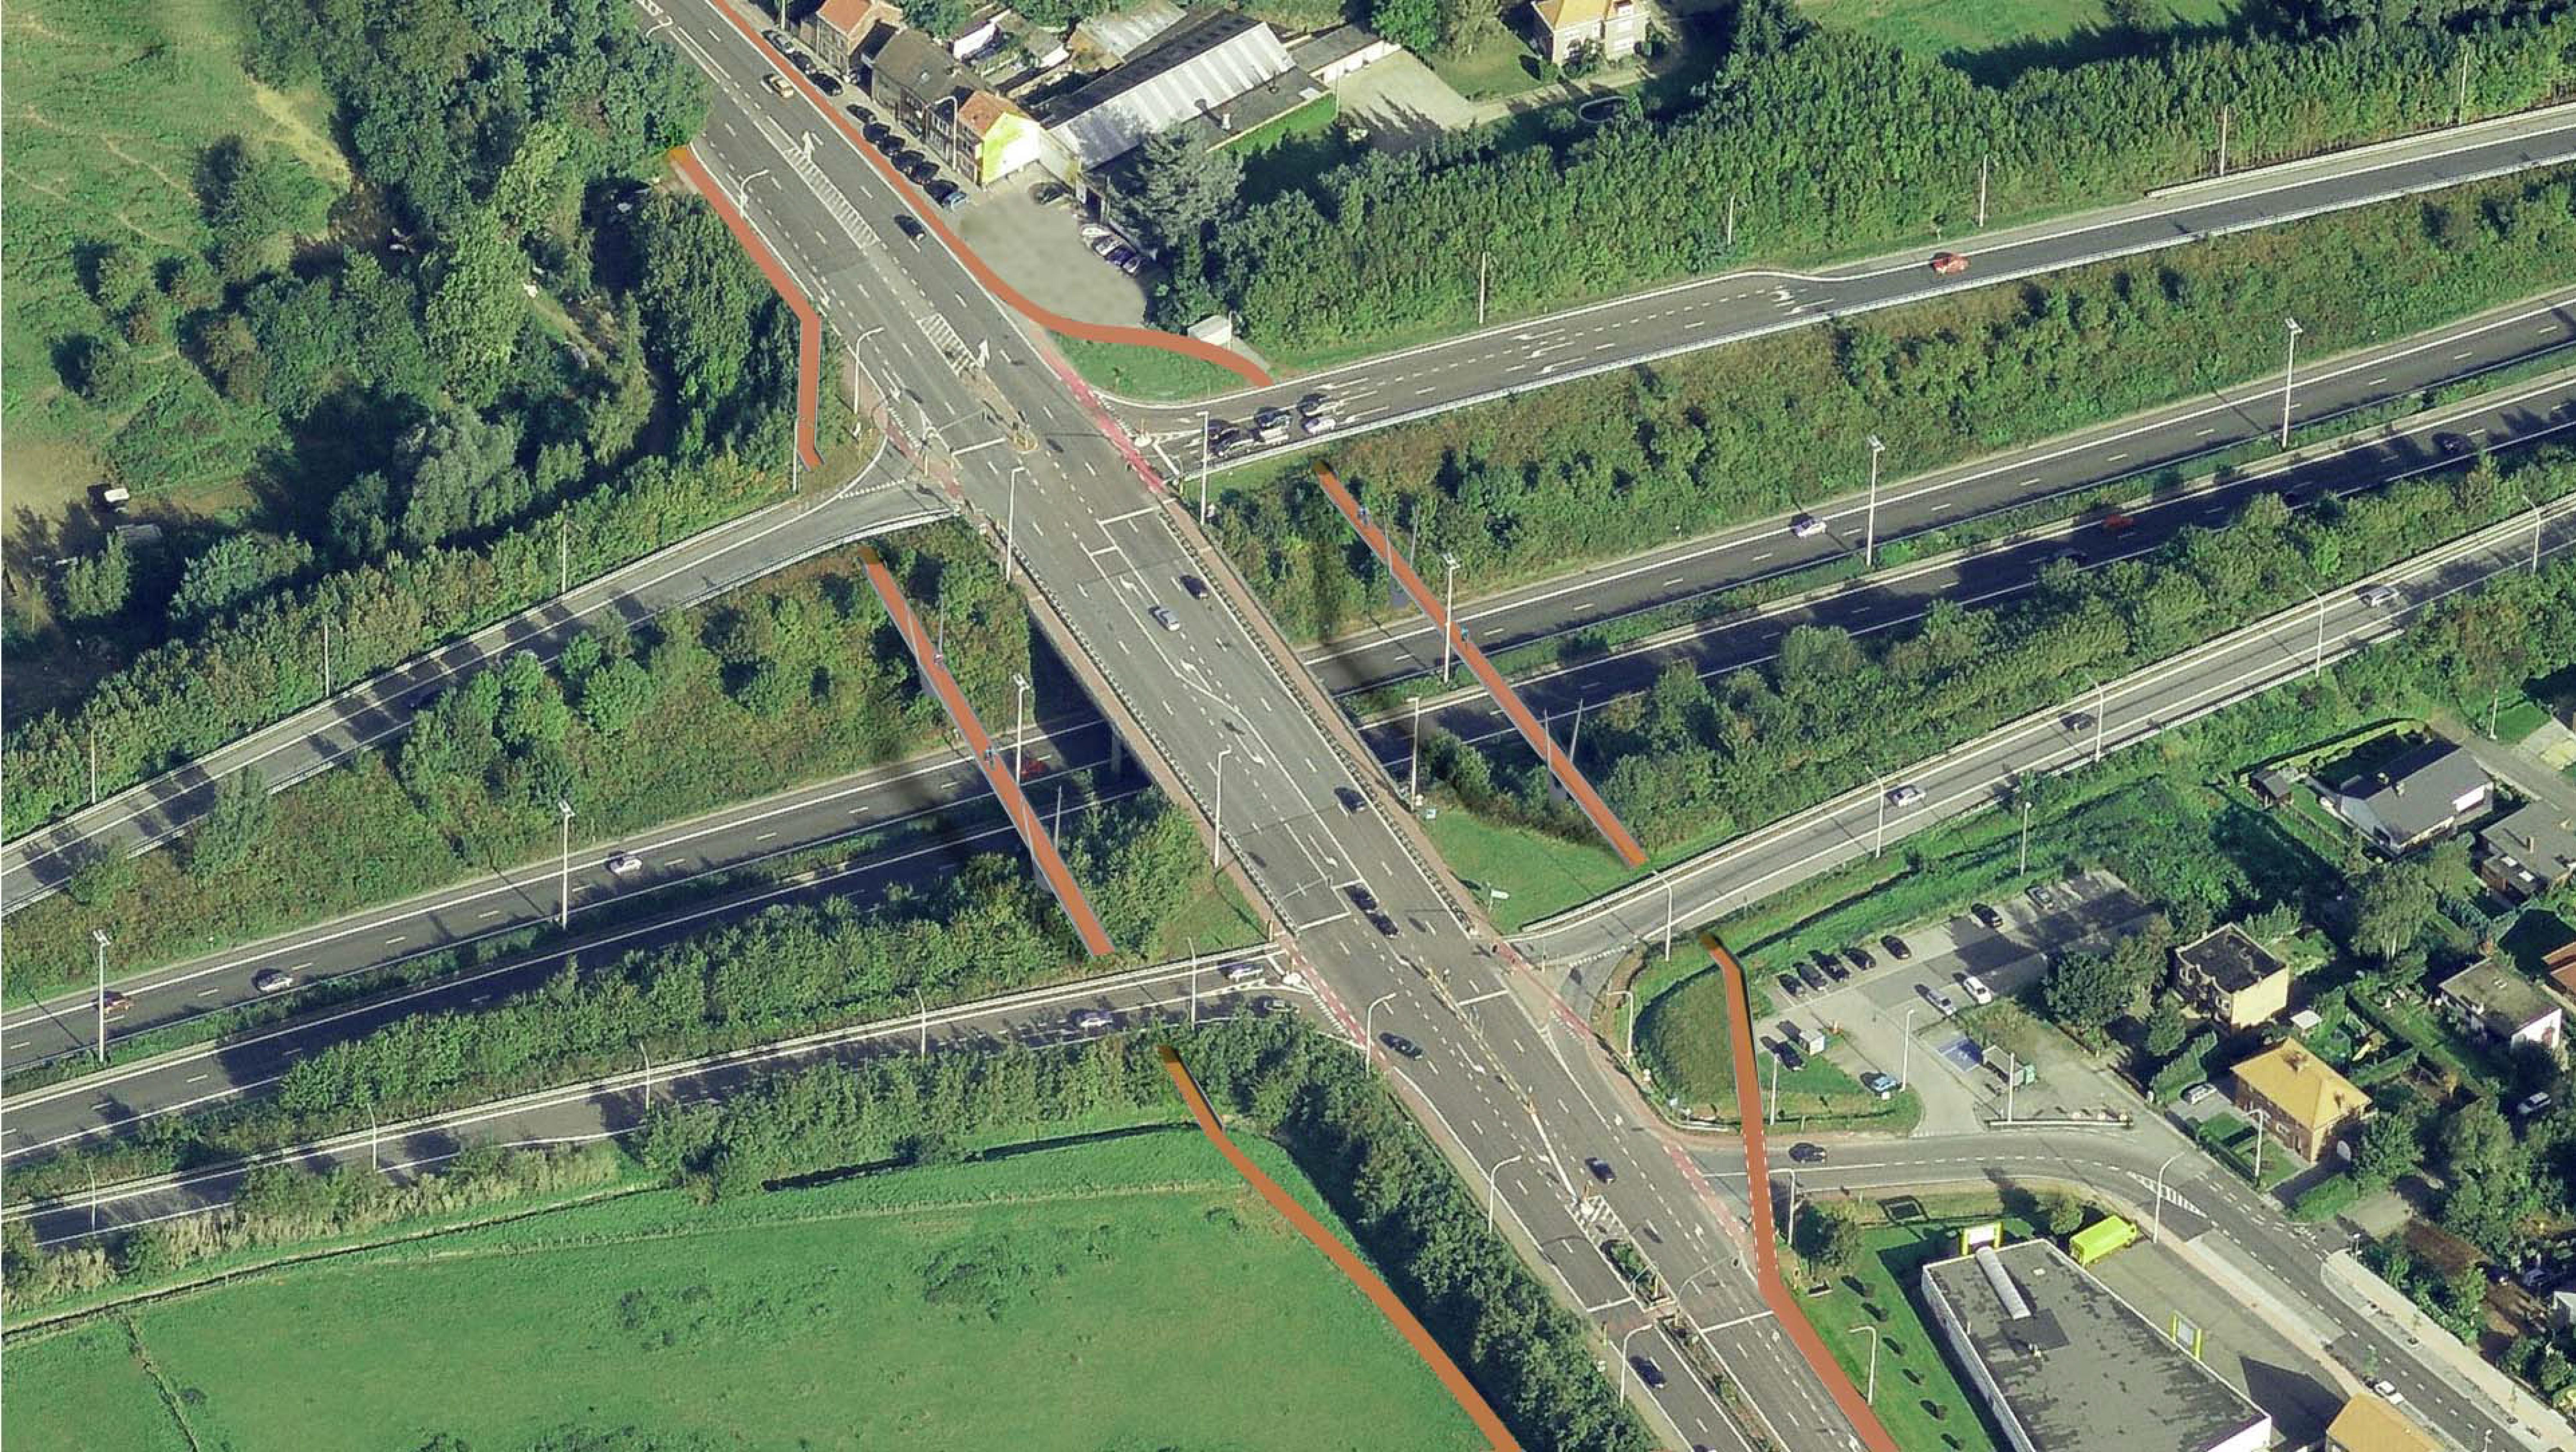 Voorstel fietsbruggen E314xN26 Fietsersbond Herent